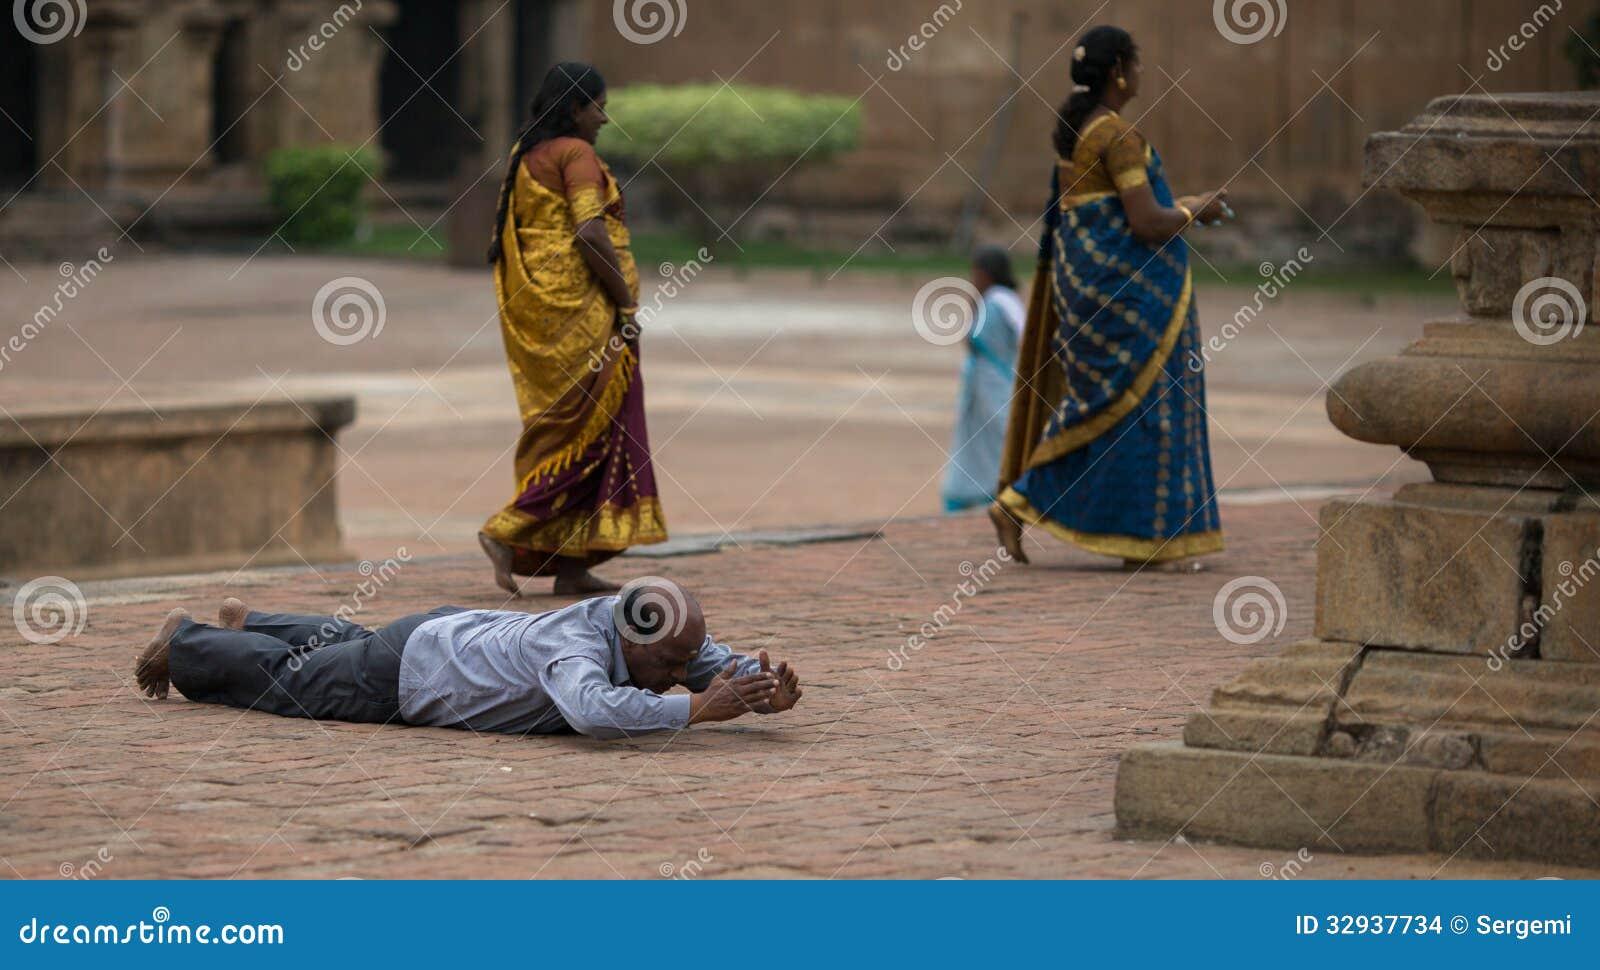 Une prière dans le temple indien